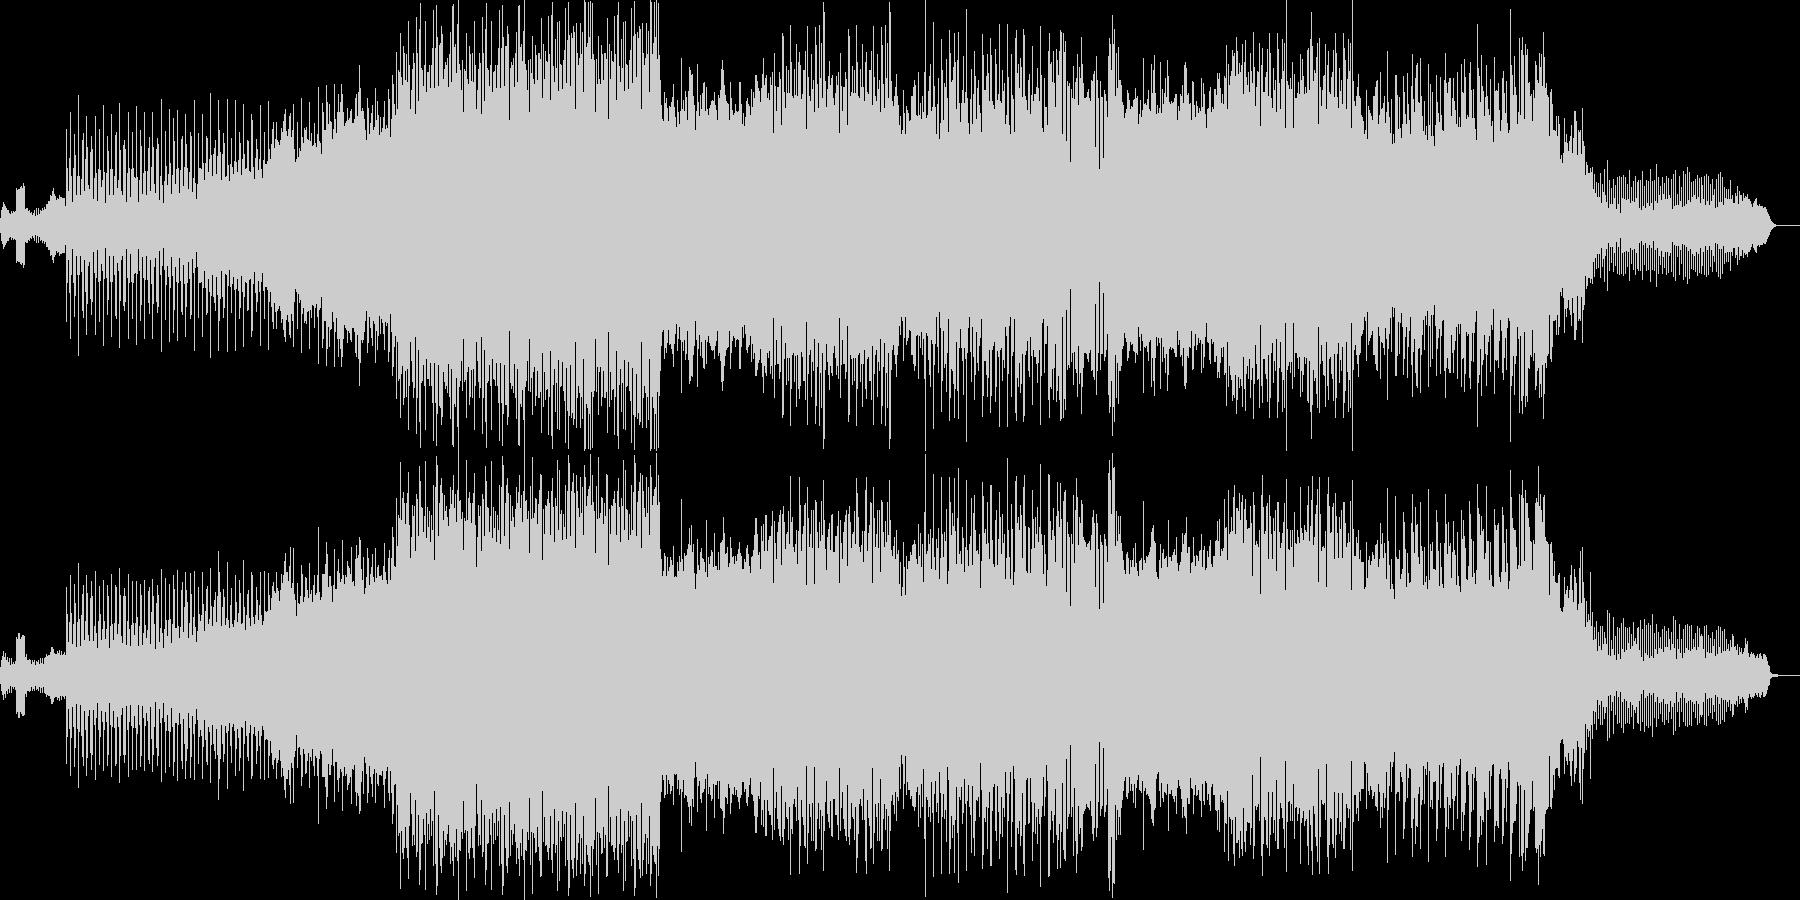 サイケデリックミュージック。クレイ...の未再生の波形